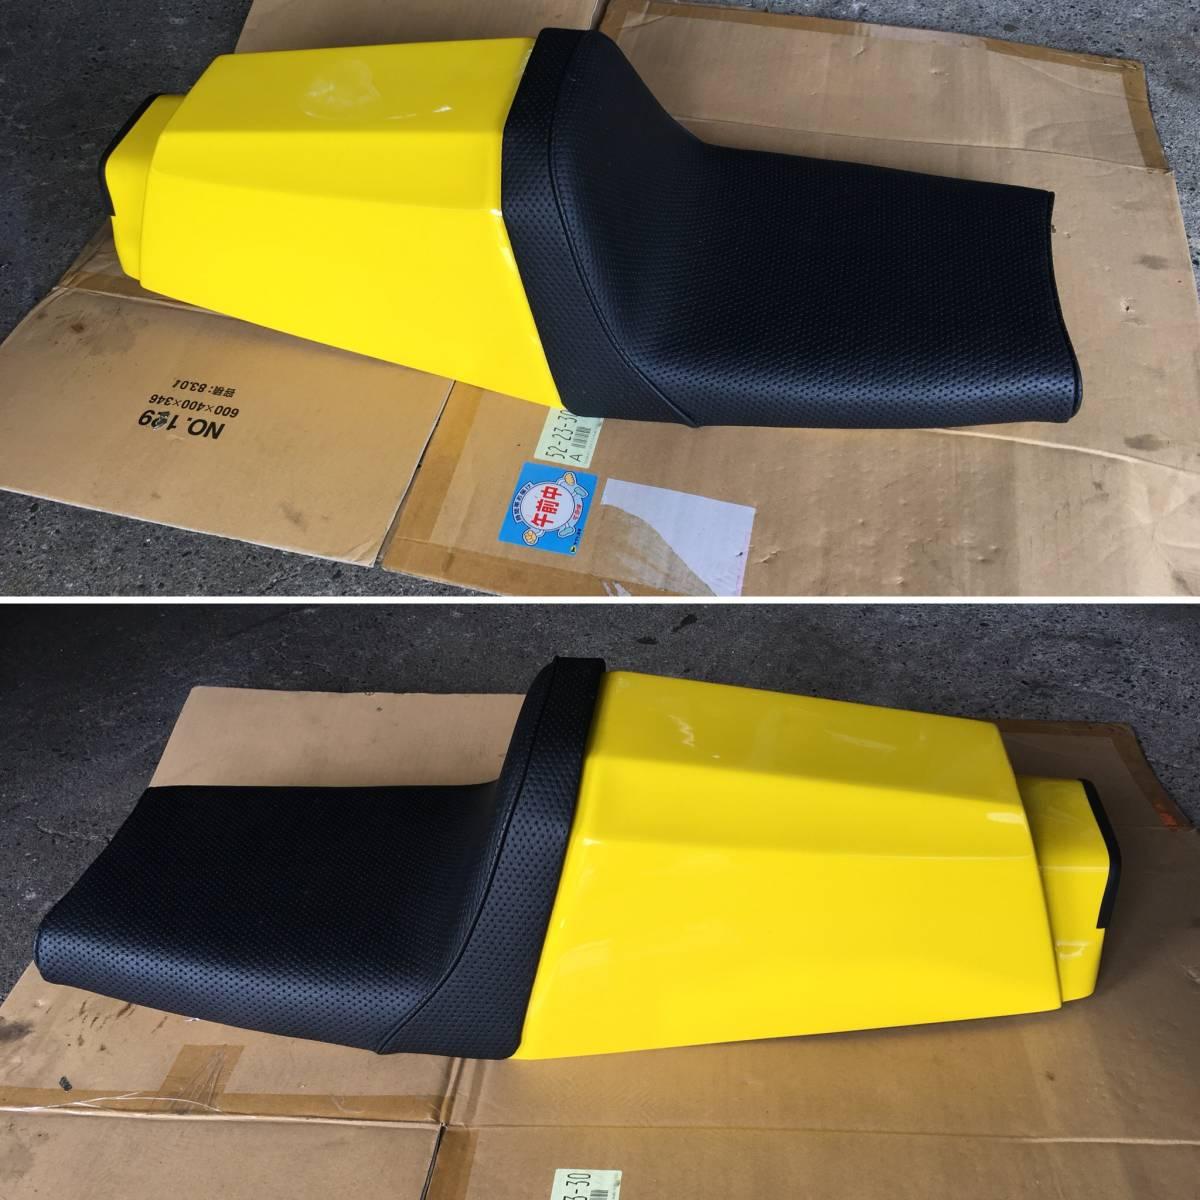 カワサキ Z400FX 専用 シングルシート 検索) モトコ カフェ 当時 希少 セレクト BEET キジマ CB KH SS GS Z1 Z2 GT